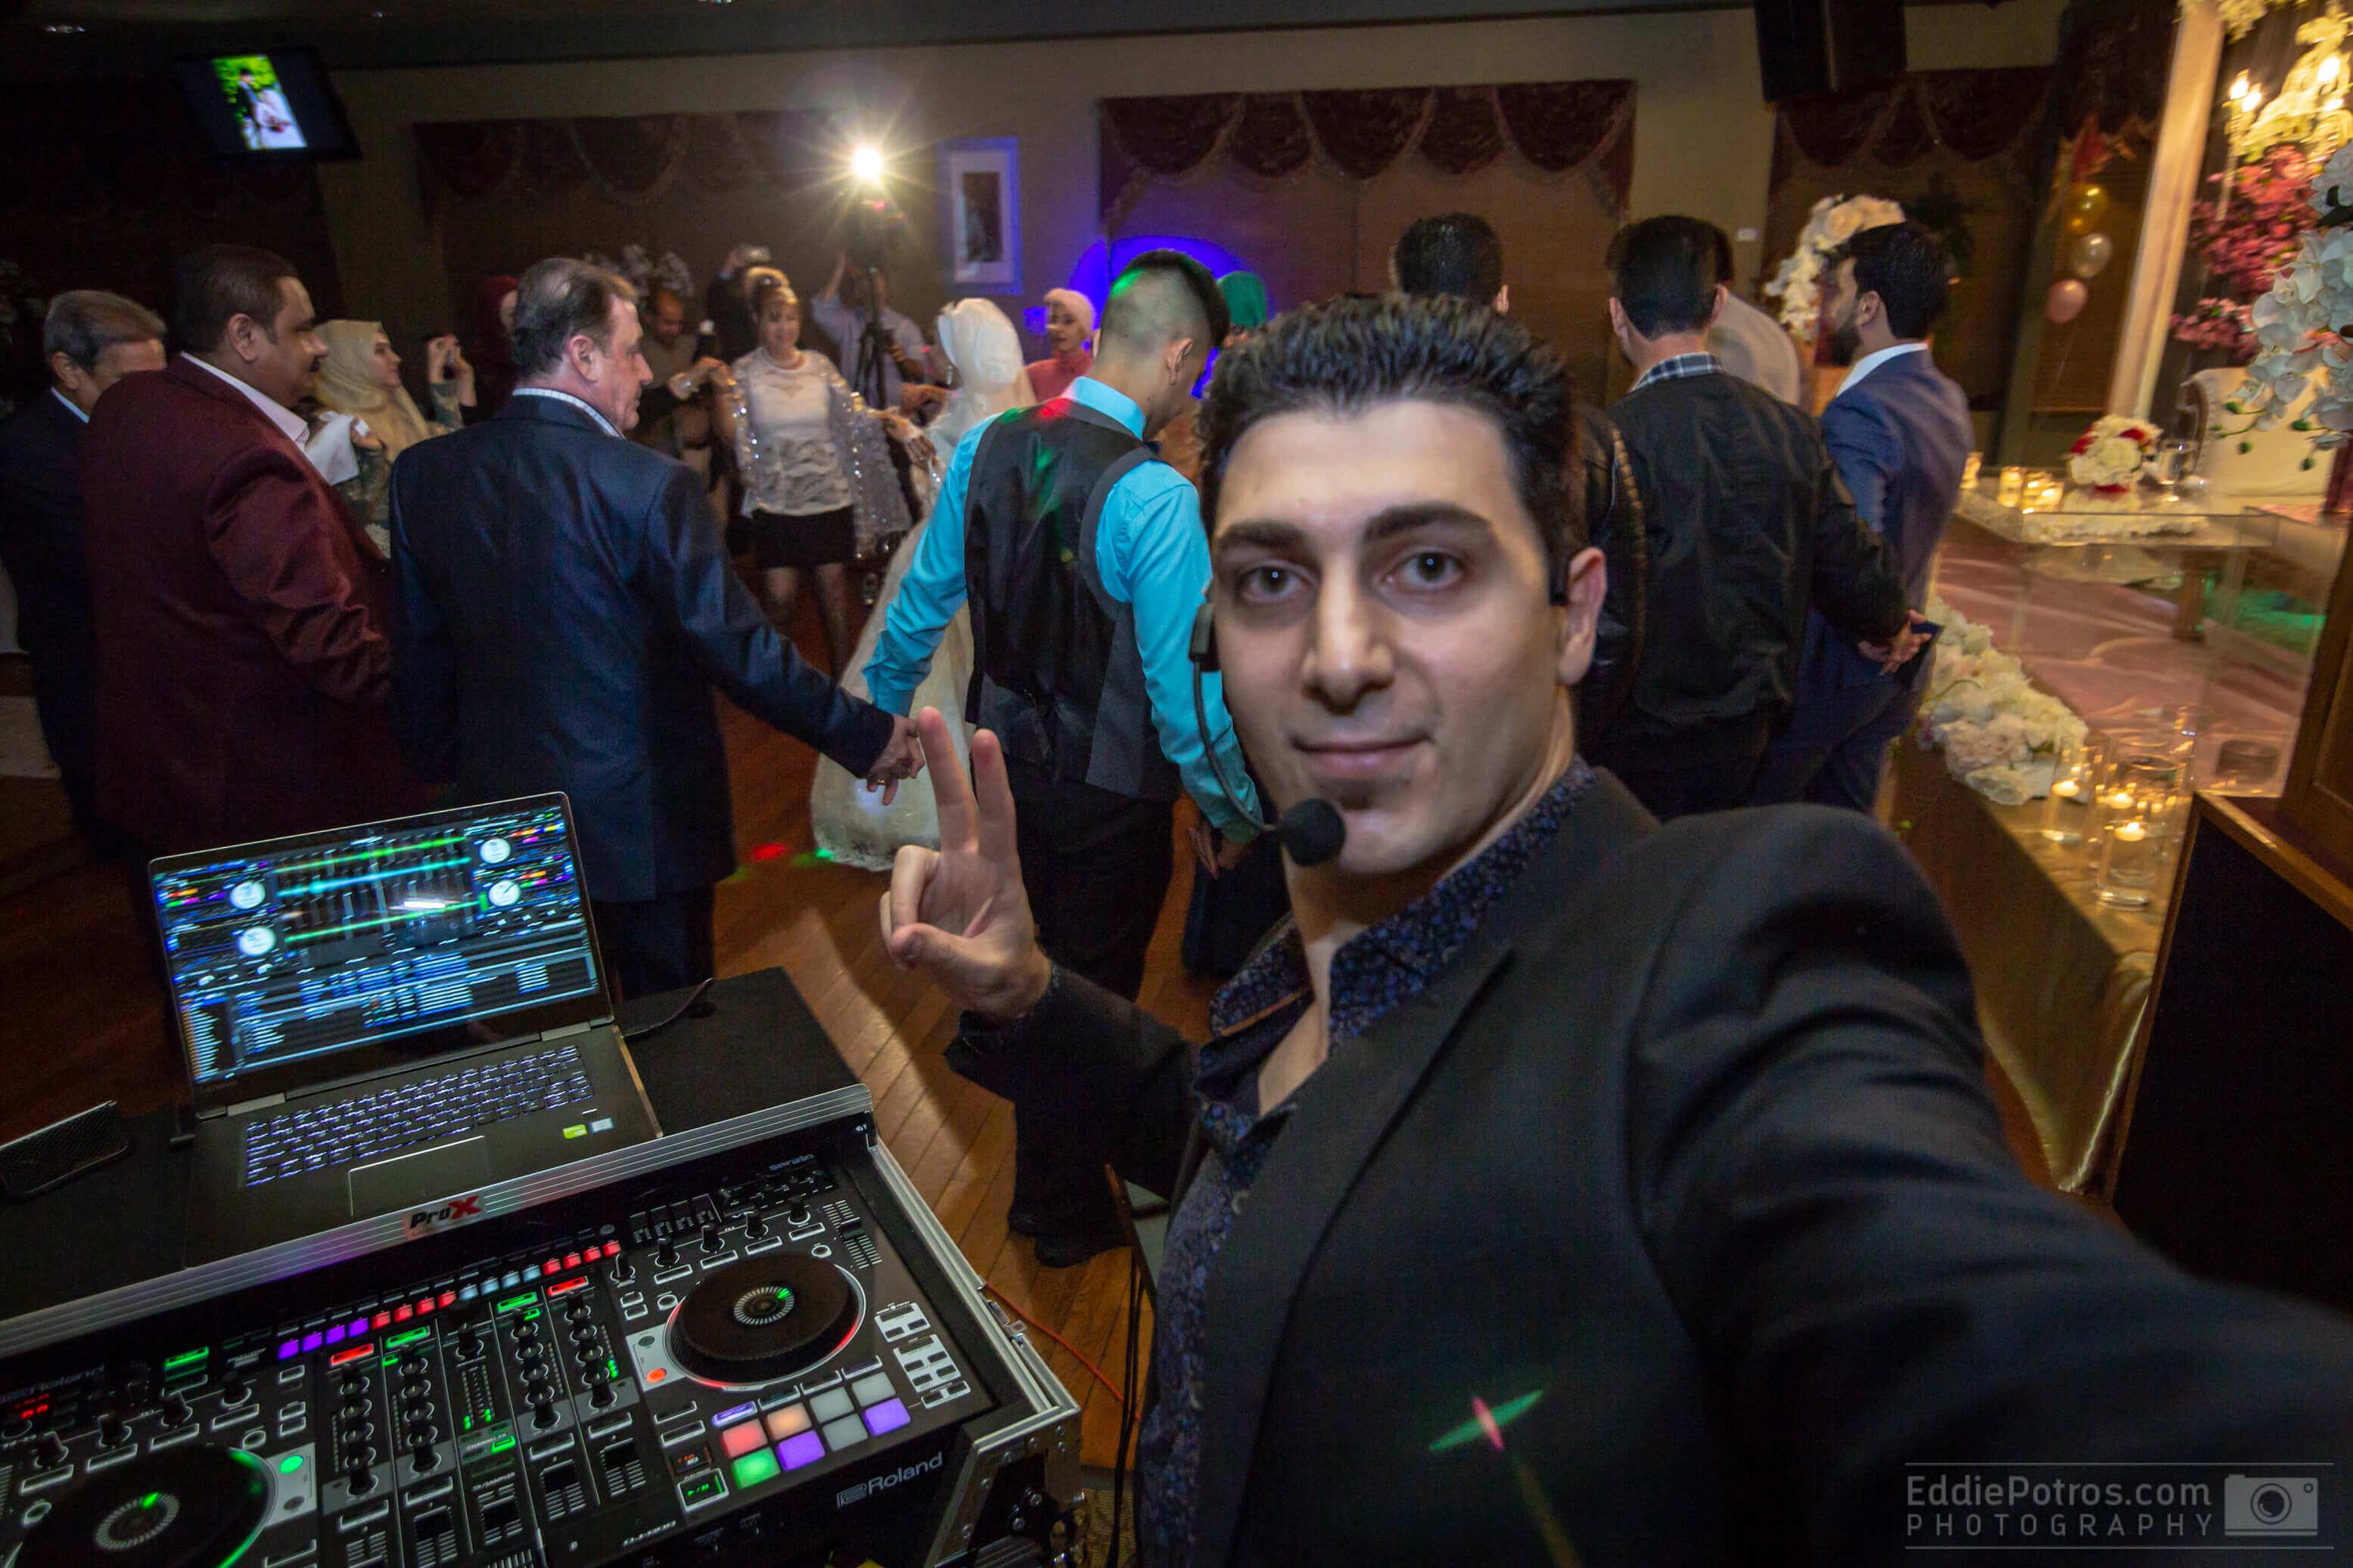 Congratulations Ahmad & Nehal on your Wedding - DJ Eddie